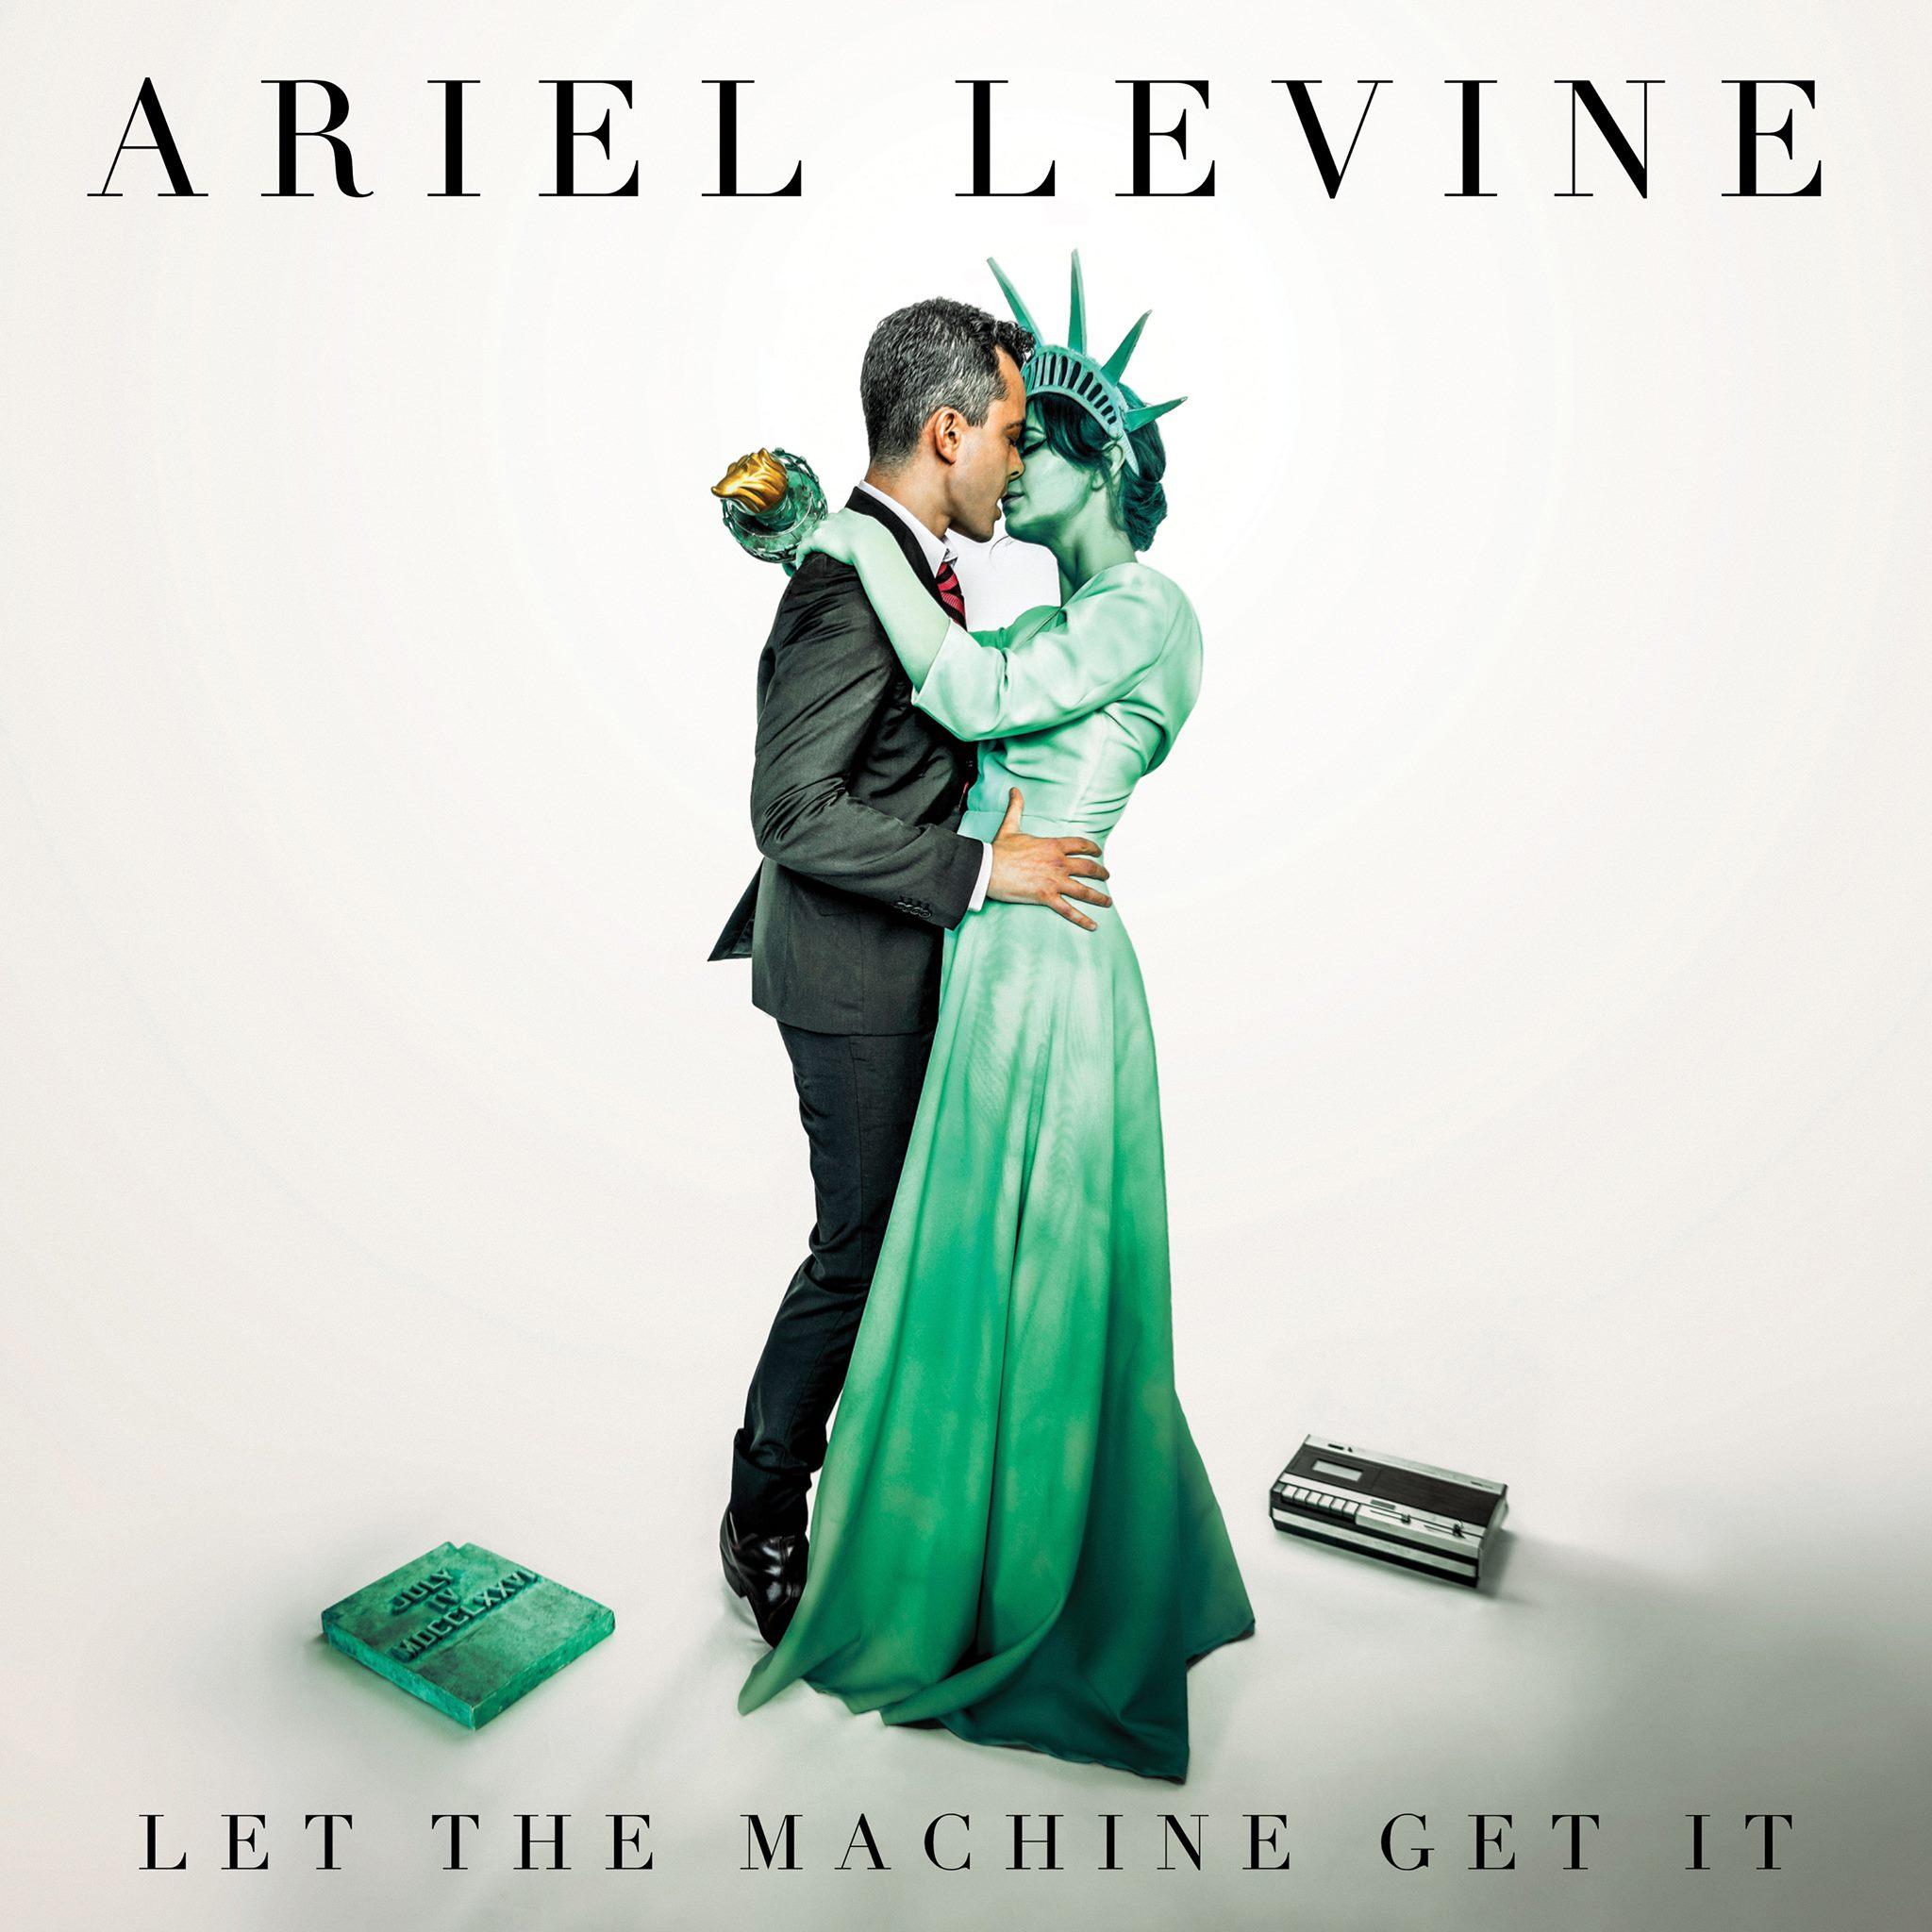 Let The Machine Get It - Album Cover